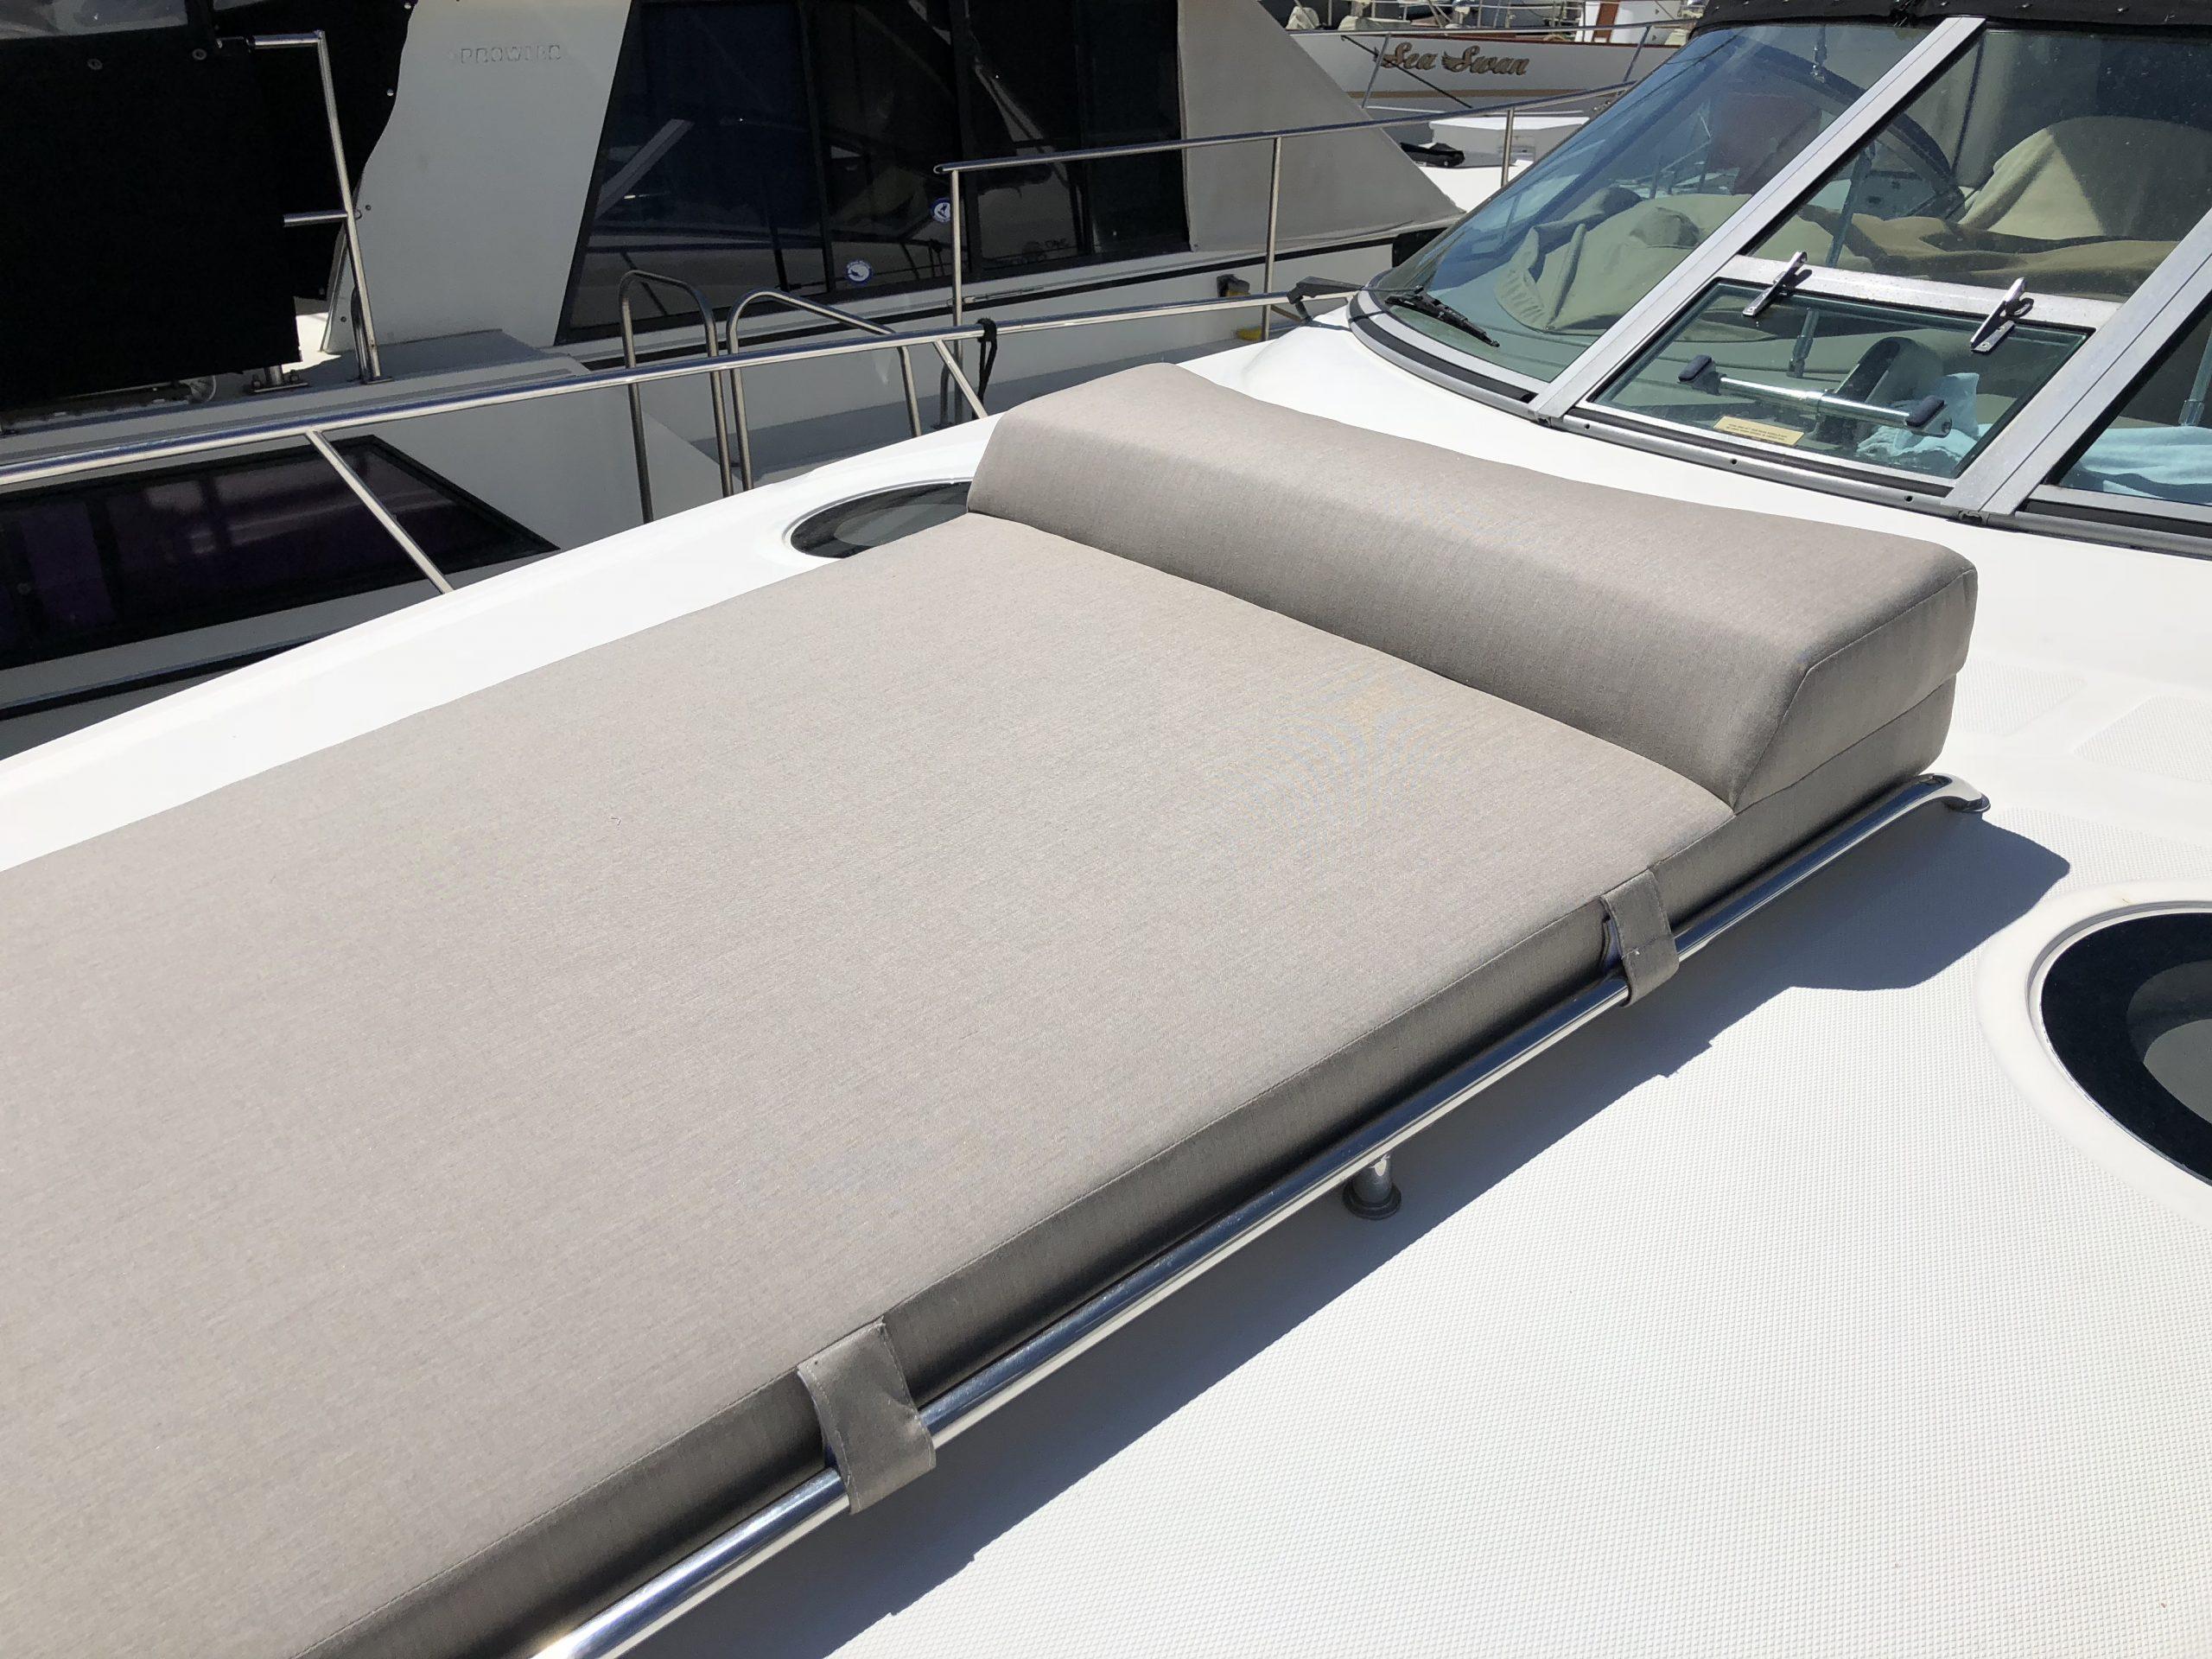 Sea Ray 340 Cushion